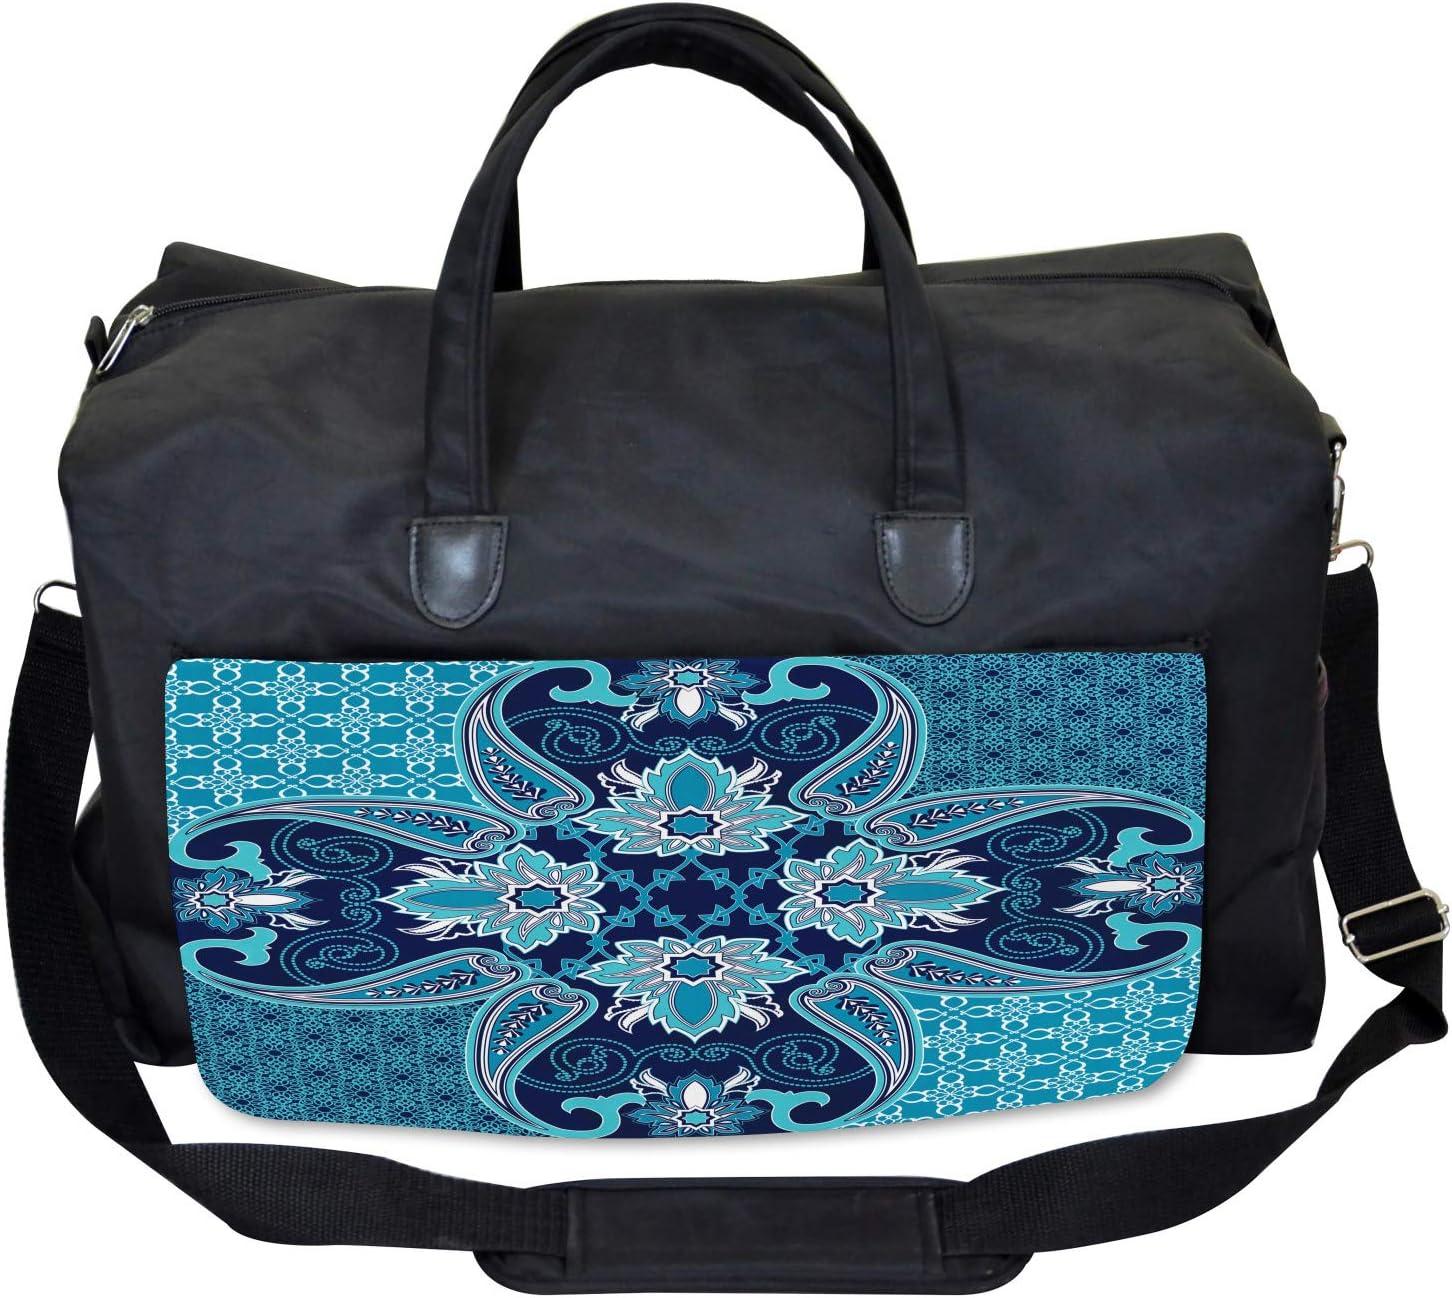 Floral Paisley Bohemic Large Weekender Carry-on Ambesonne Vintage Gym Bag